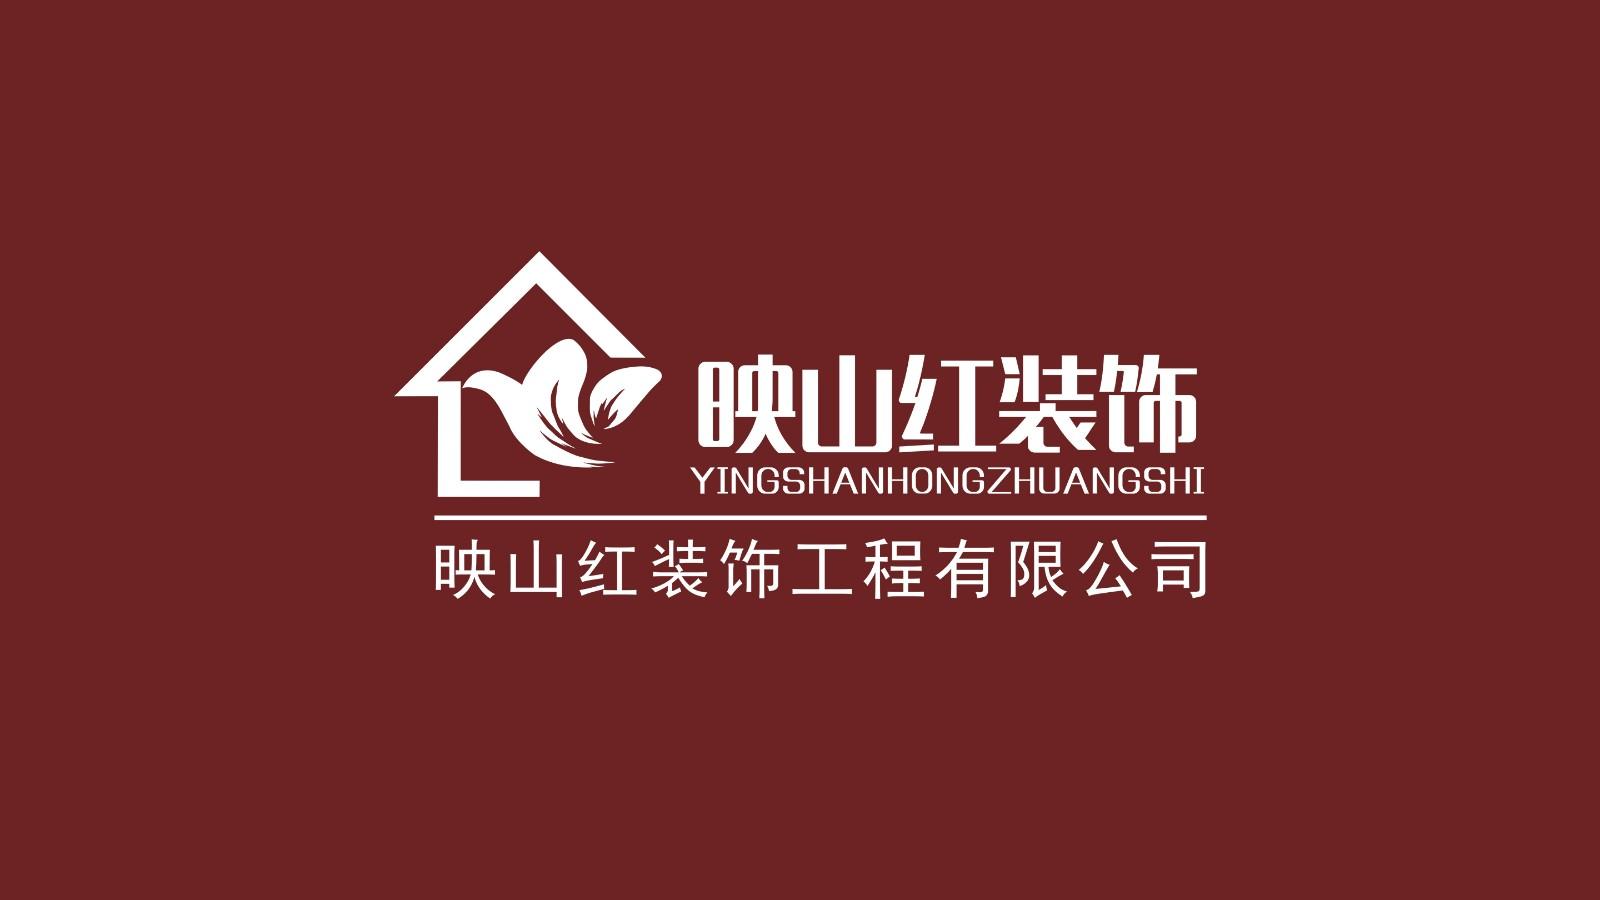 苏州映山红装饰工程有限公司无锡分公司